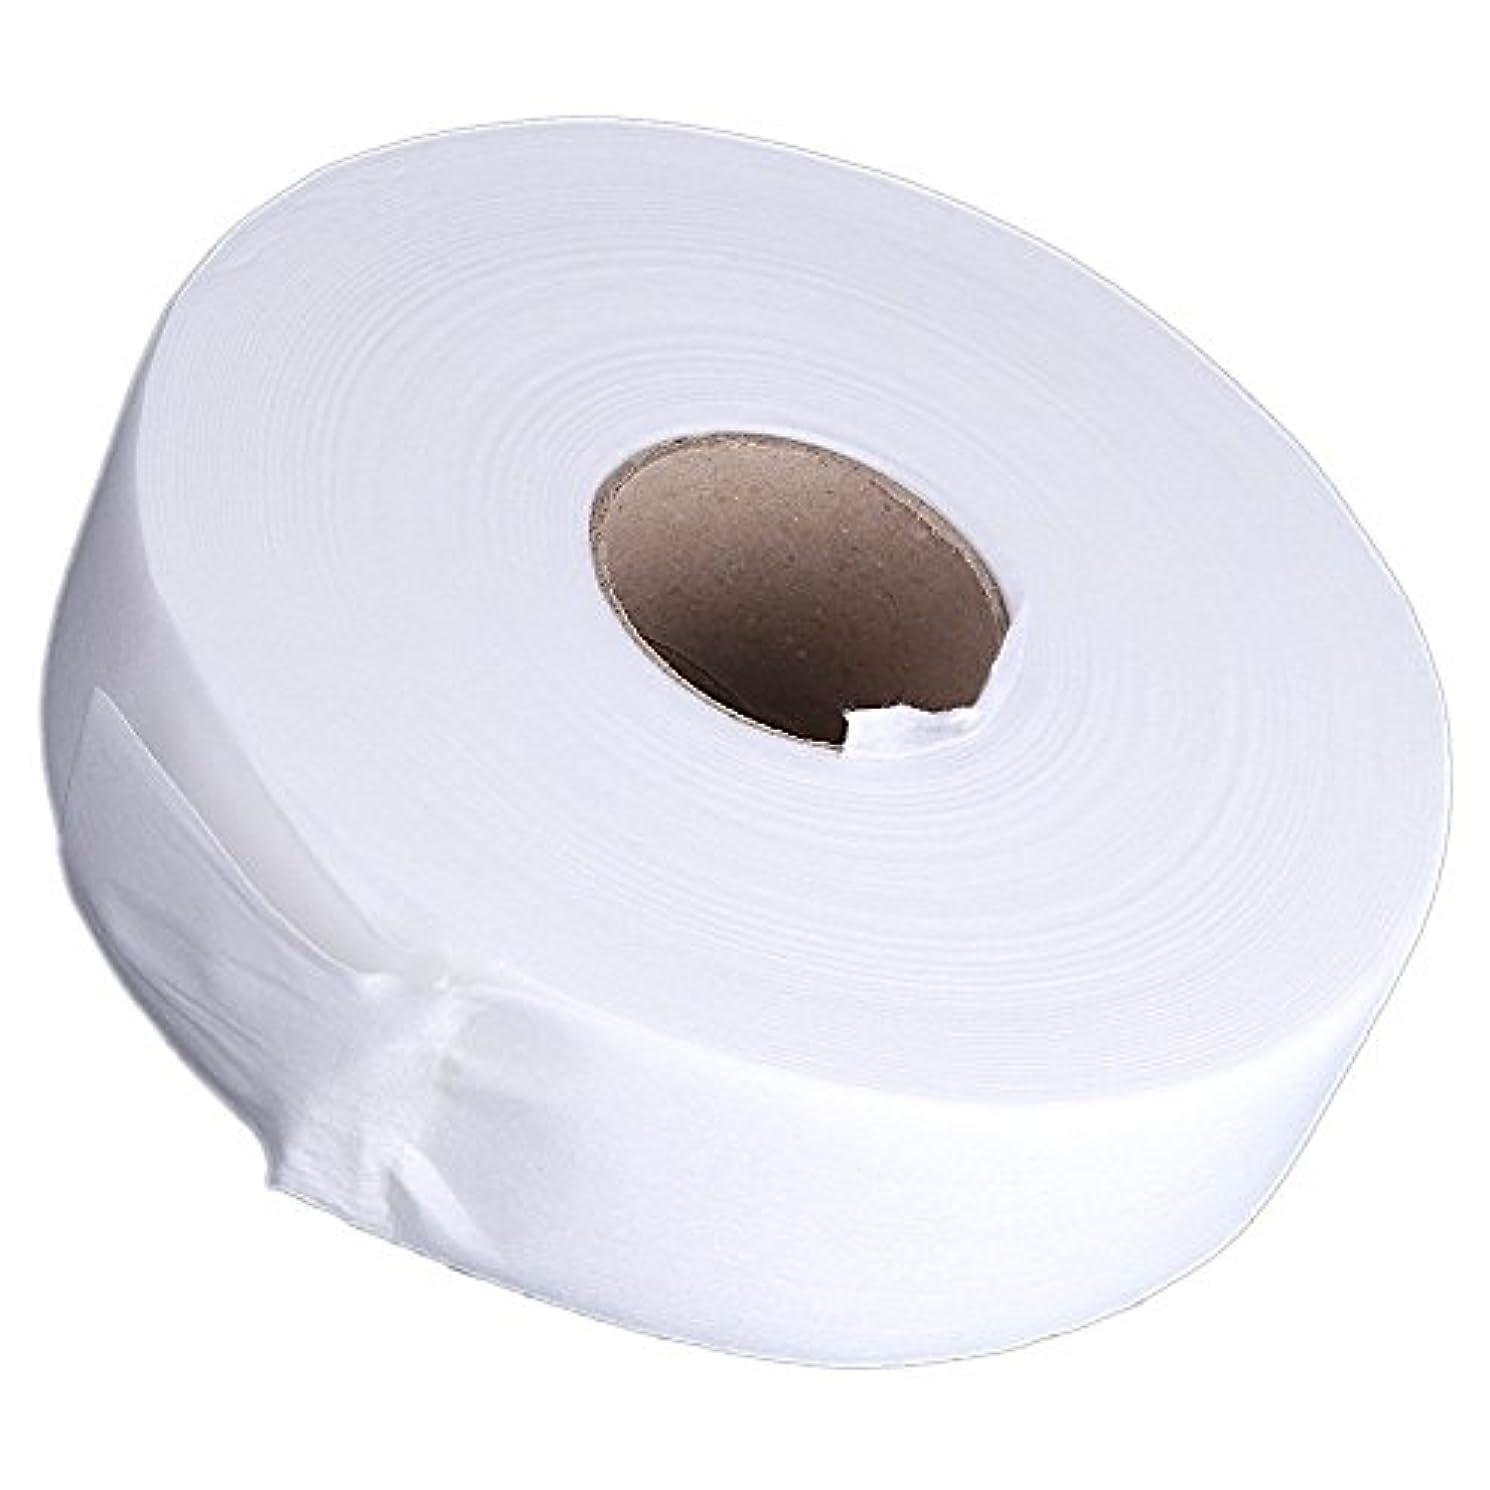 まばたき感謝祭山Vaorwne 100ヤードの脱毛紙脱毛ワックスストリップ 不織布ペーパーワックスロール(白)